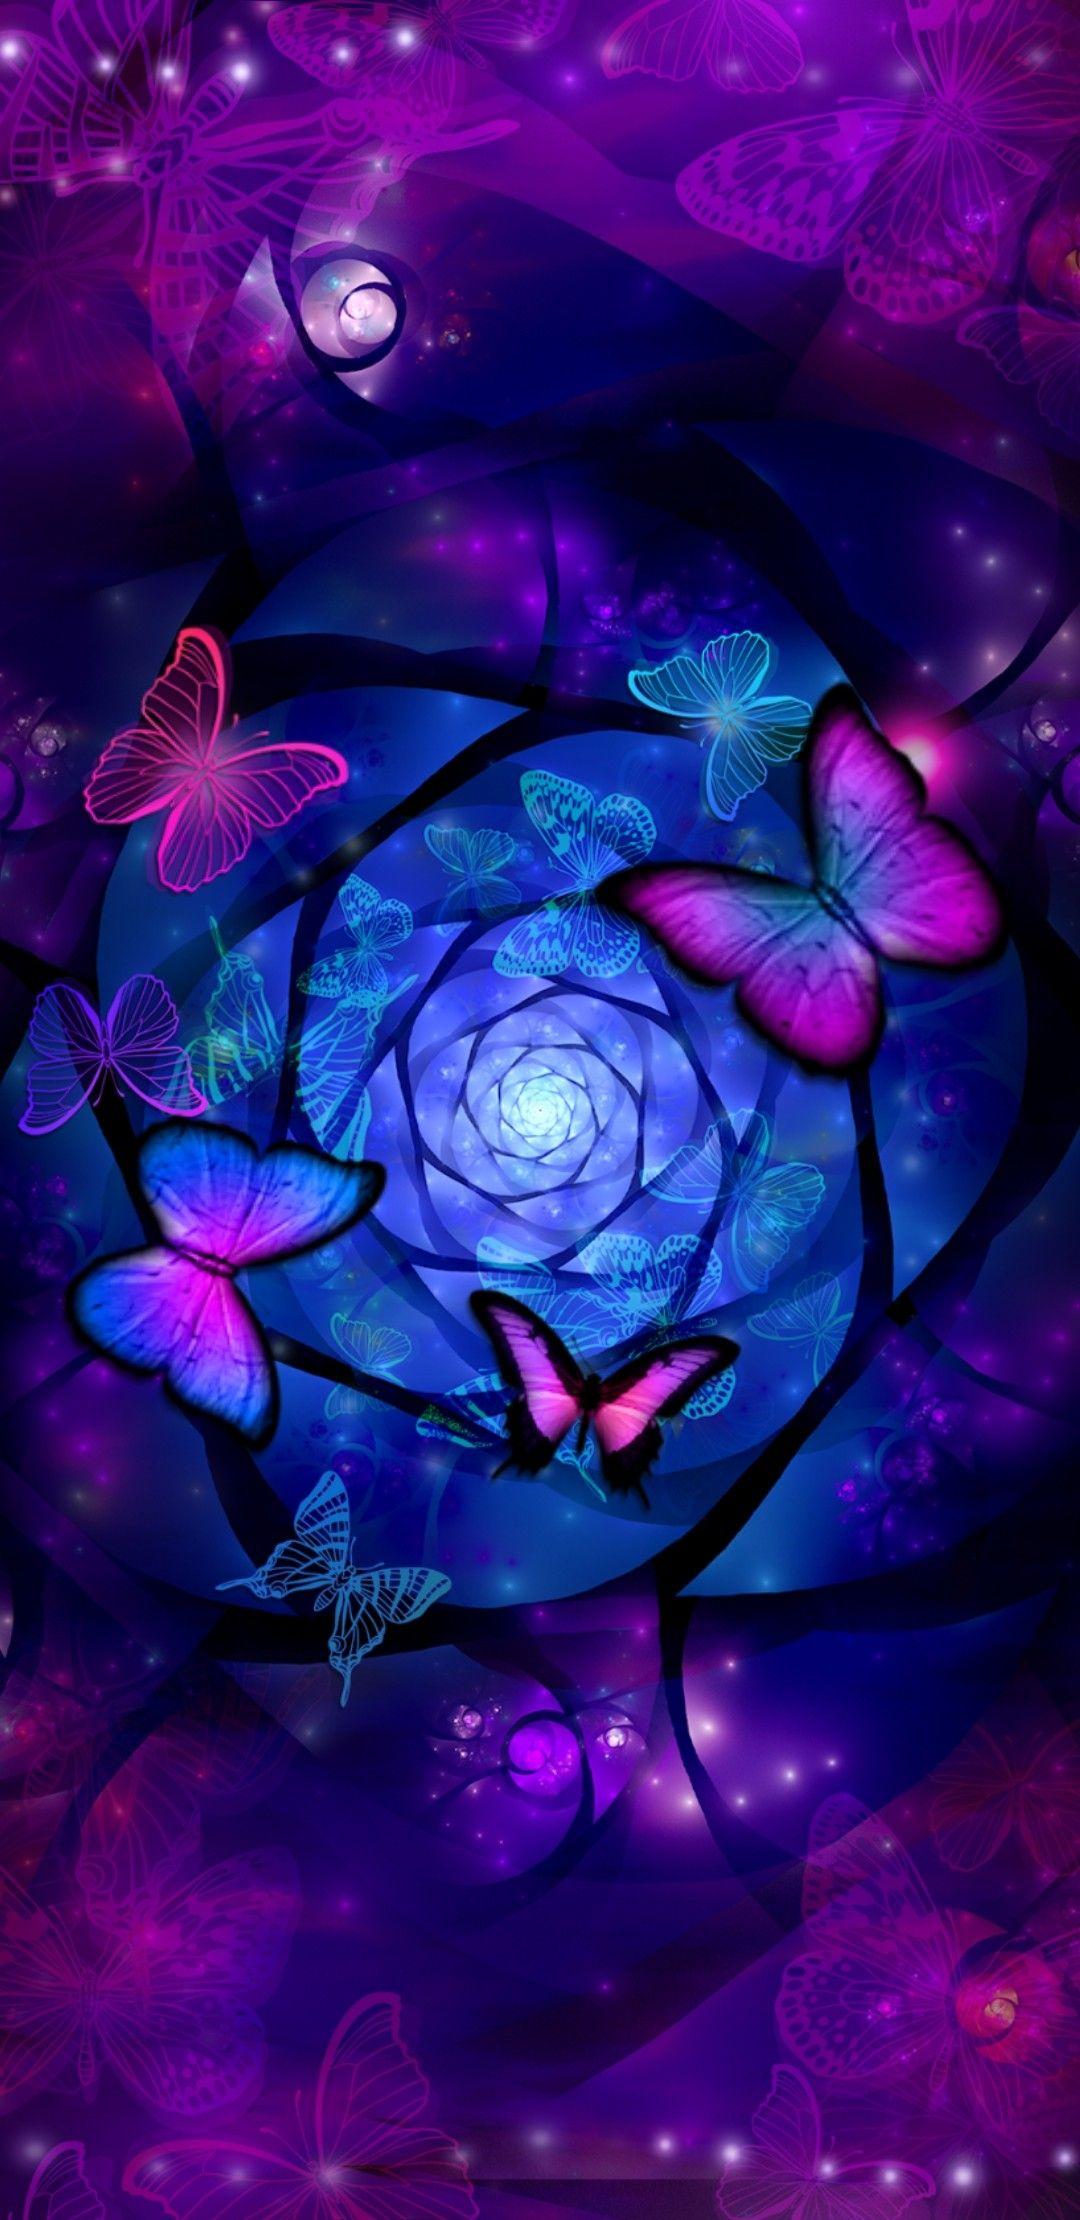 Pink Purple Blue Butterfly S Purple Butterfly Wallpaper Blue Butterfly Wallpaper Butterfly Wallpaper